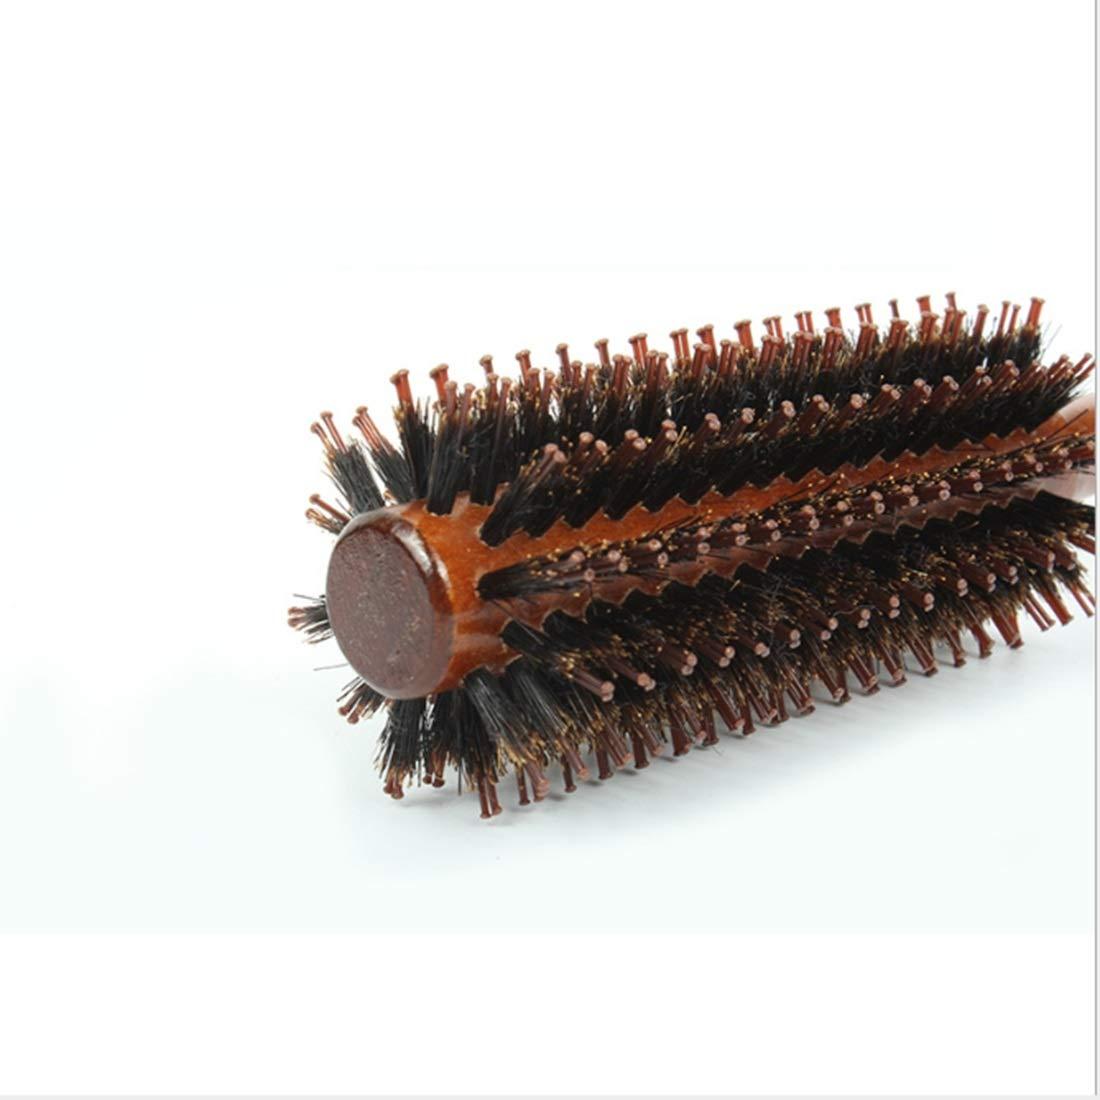 Amabubblezing Pettine per capelli dritto e in twill per le donne Round Barrel Hair Brush-22inch Lunghezza soffiando pettine dritto capelli, forma di testa di pera Cruly Comb Perfect Volume & Shine Hai